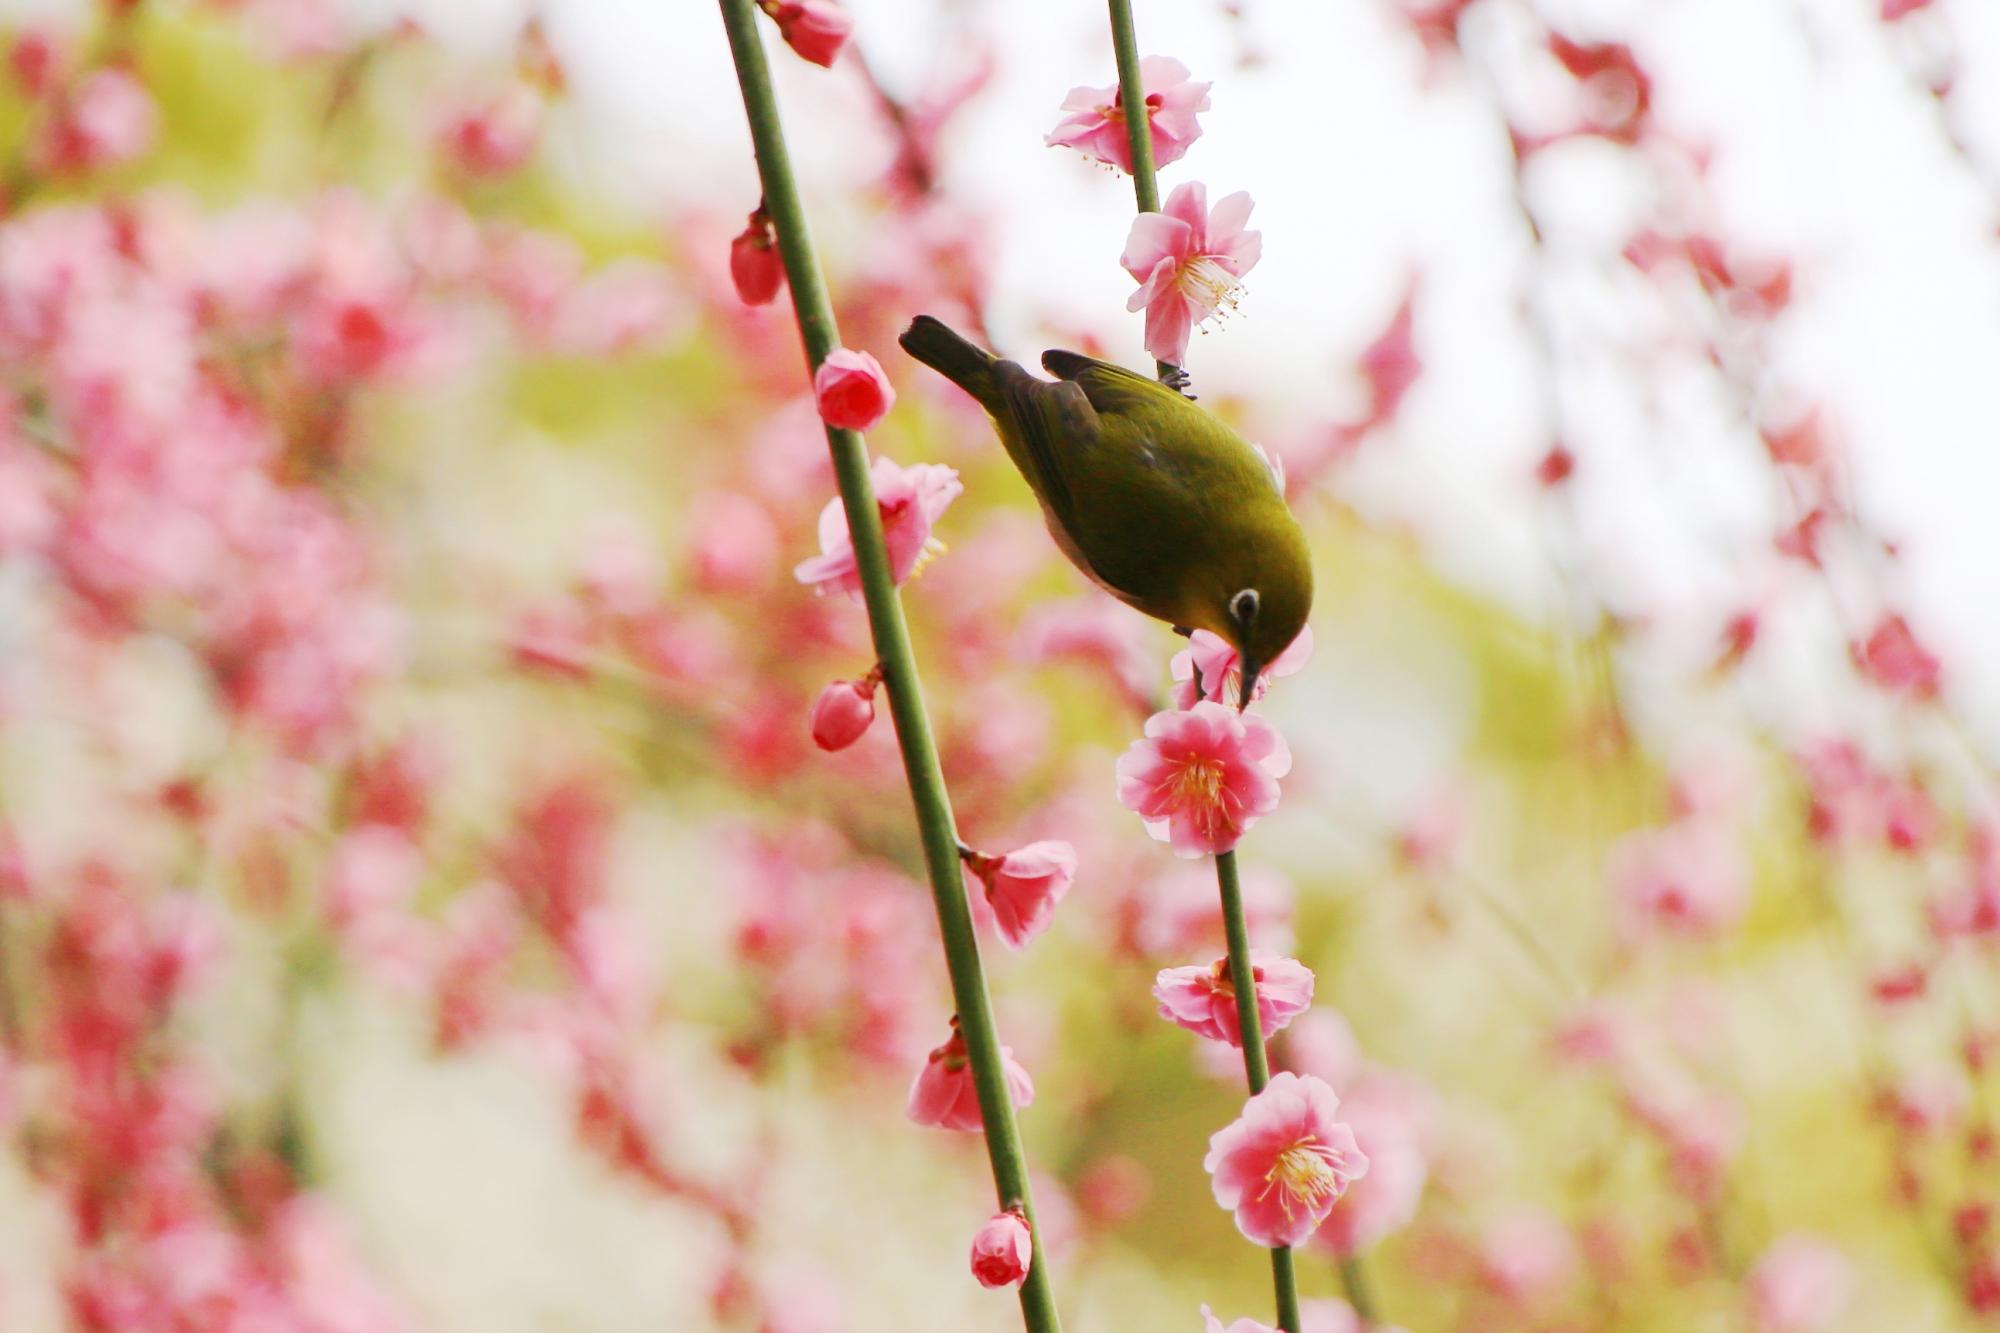 キビキビと動いて花の蜜を吸う目白